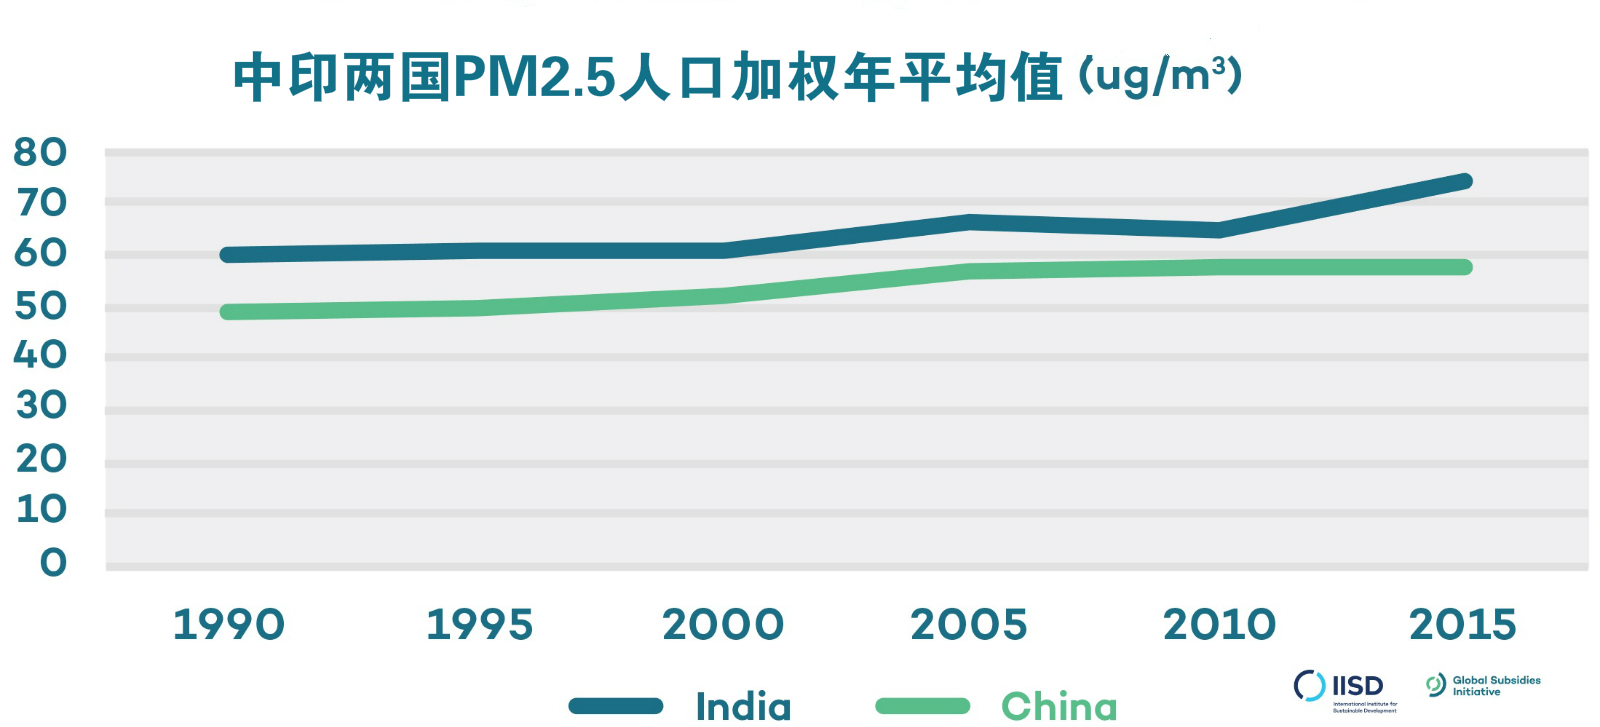 中印两国PM2.5人口加权年平均值